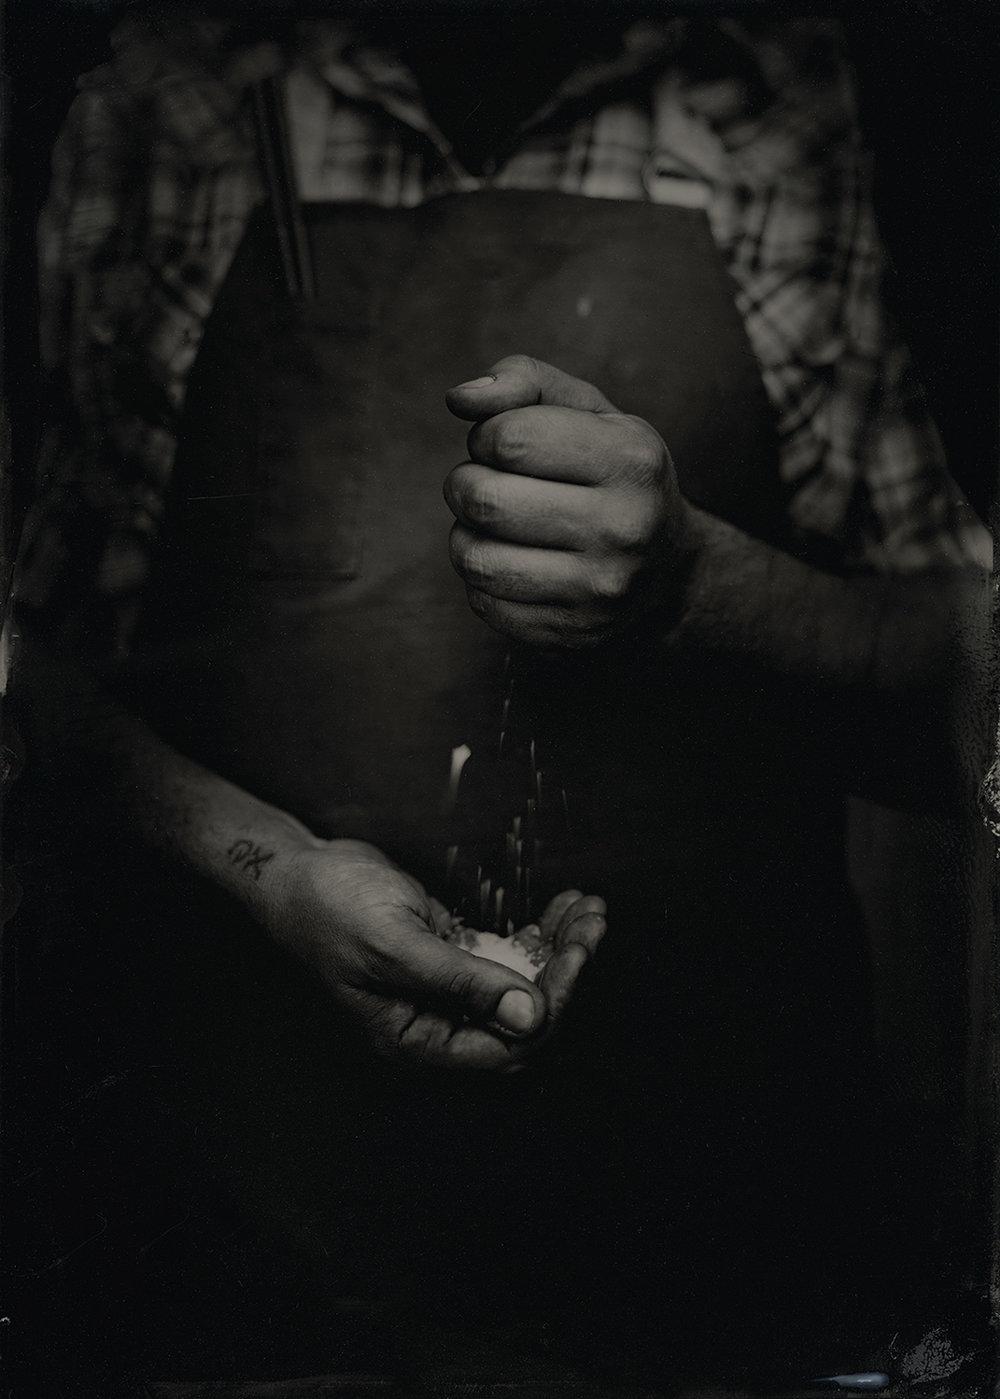 Phillipe_Hands_Salt.jpg